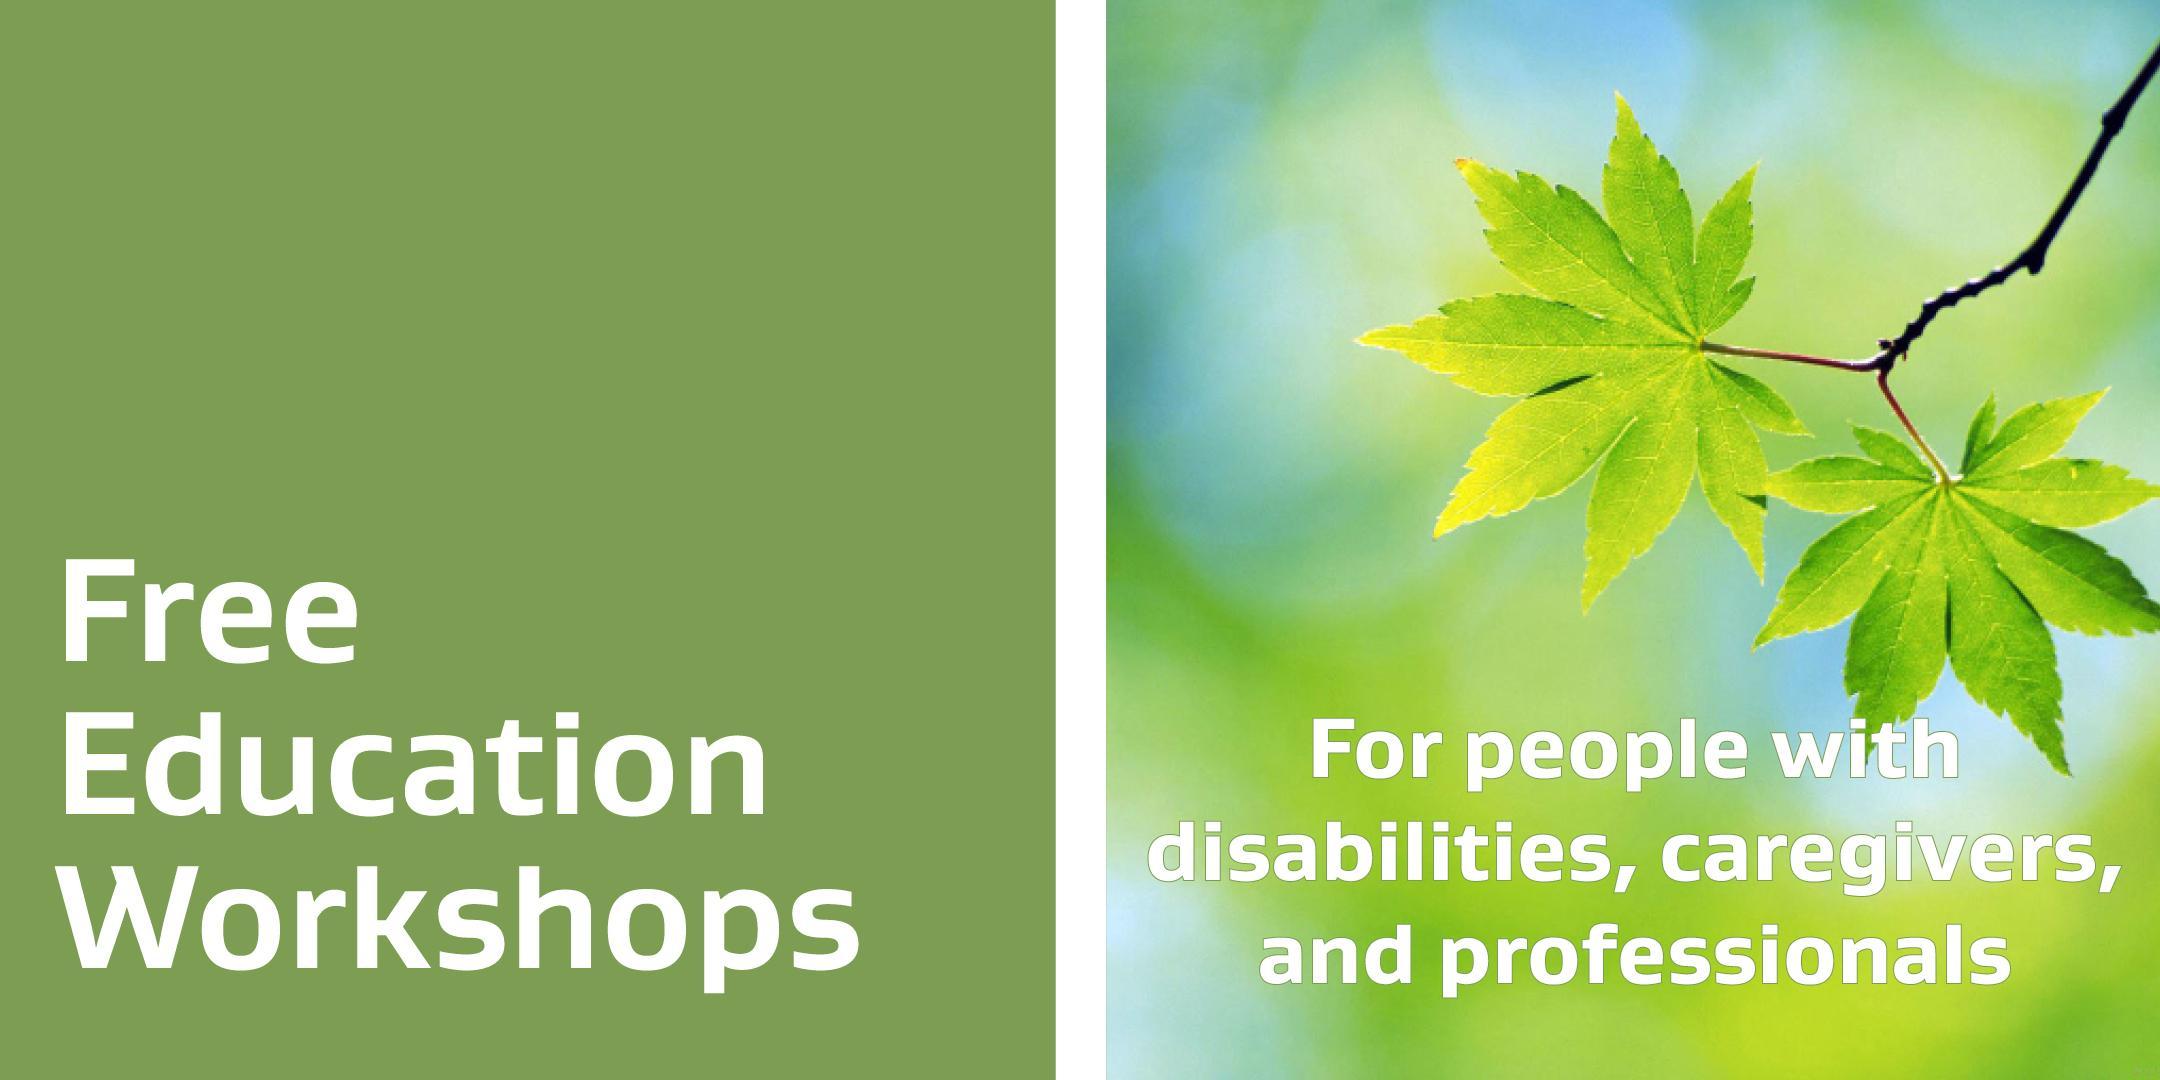 Free Education Workshop - Understanding Perso